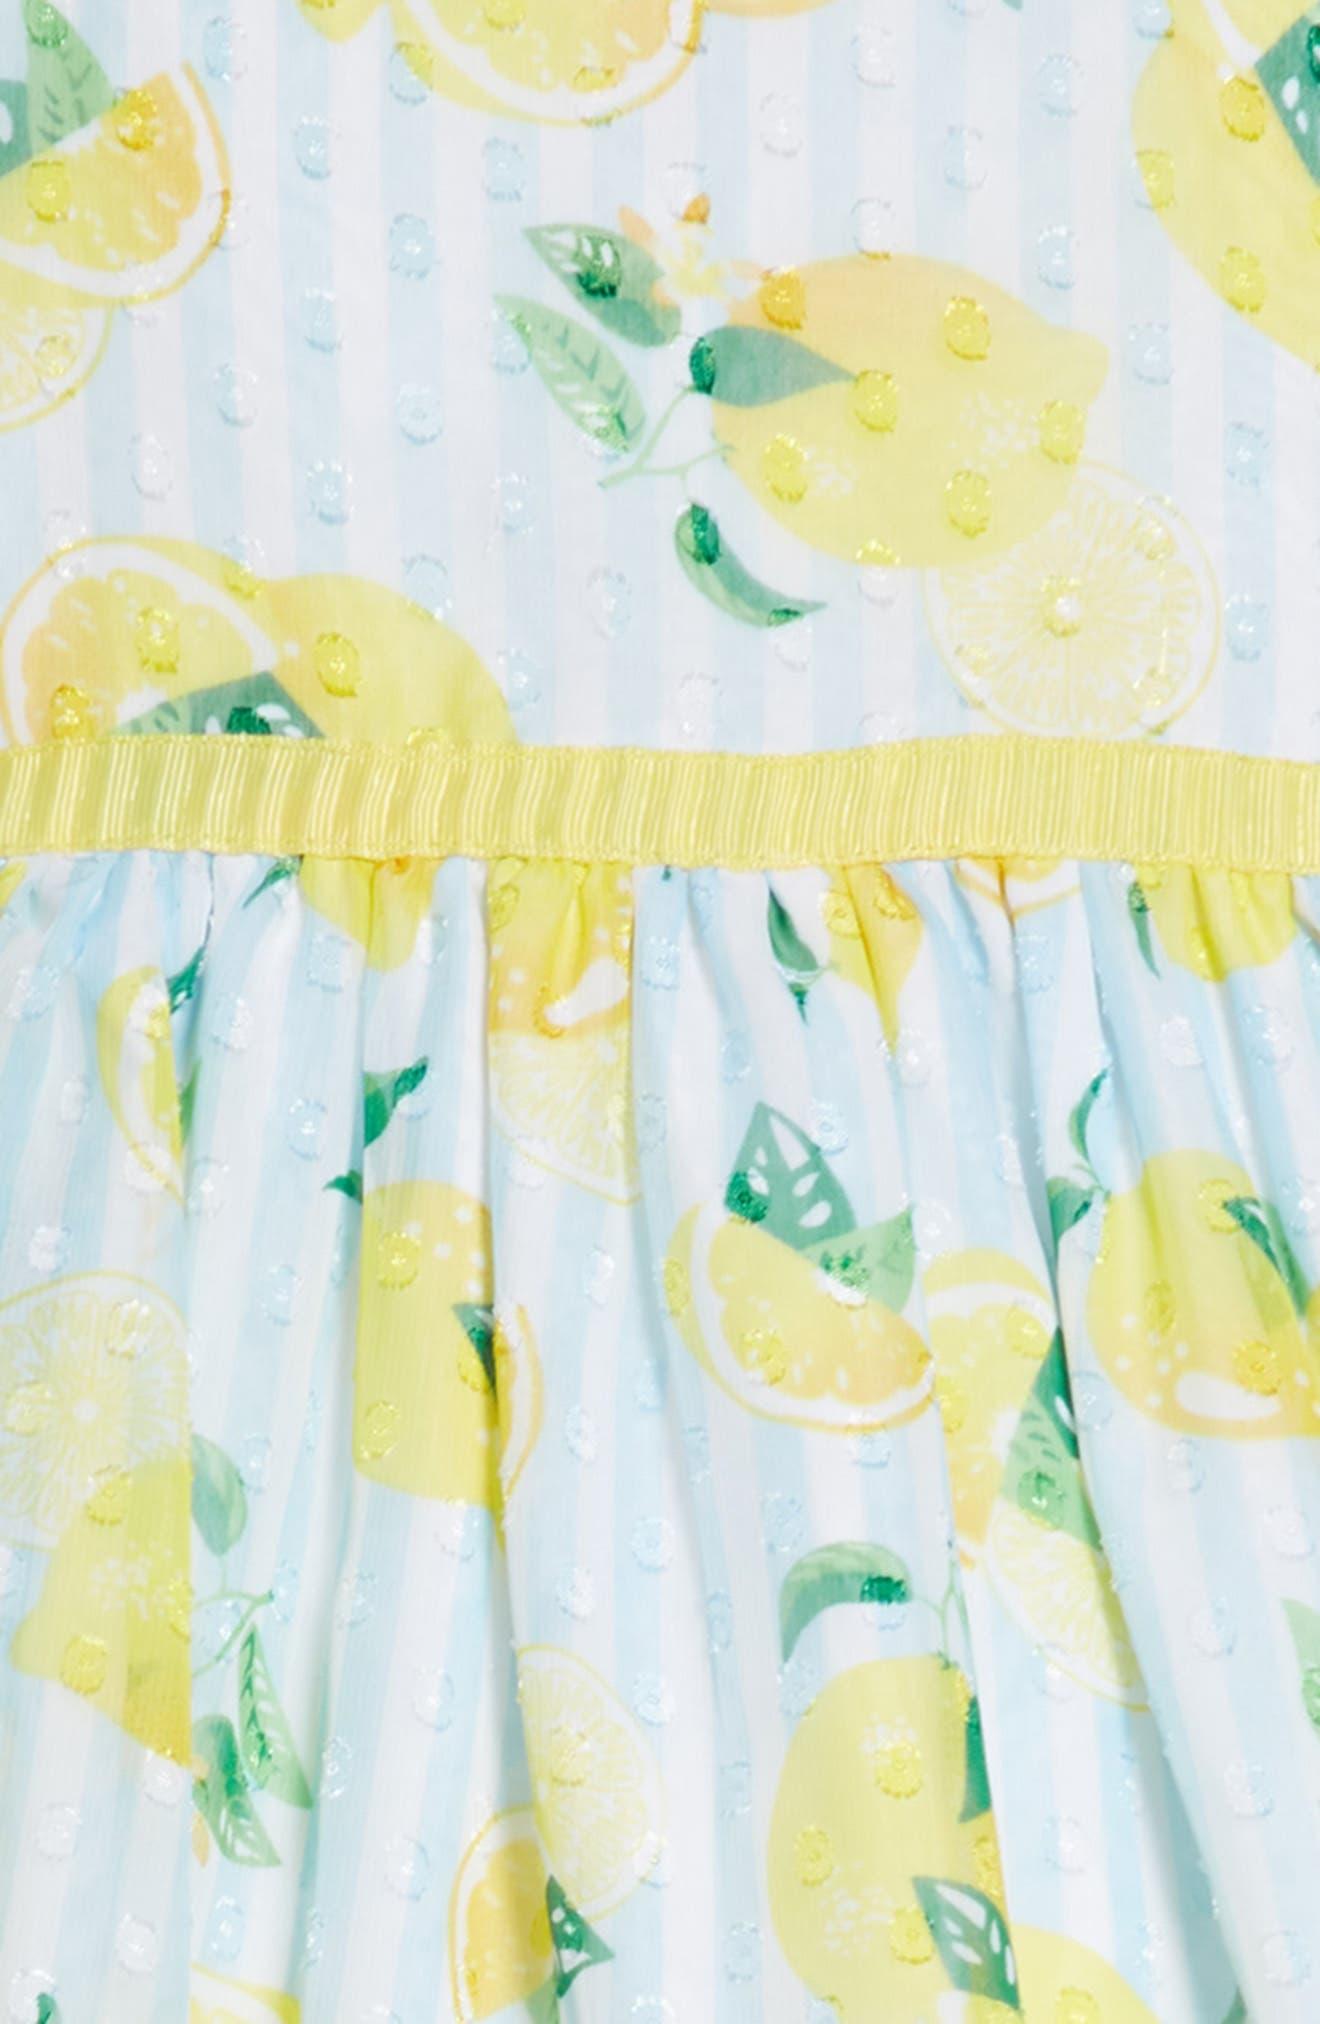 Alternate Image 3  - Pastourelle by Pippa & Julie Lemon Print Dress (Toddler Girls & Little Girls)